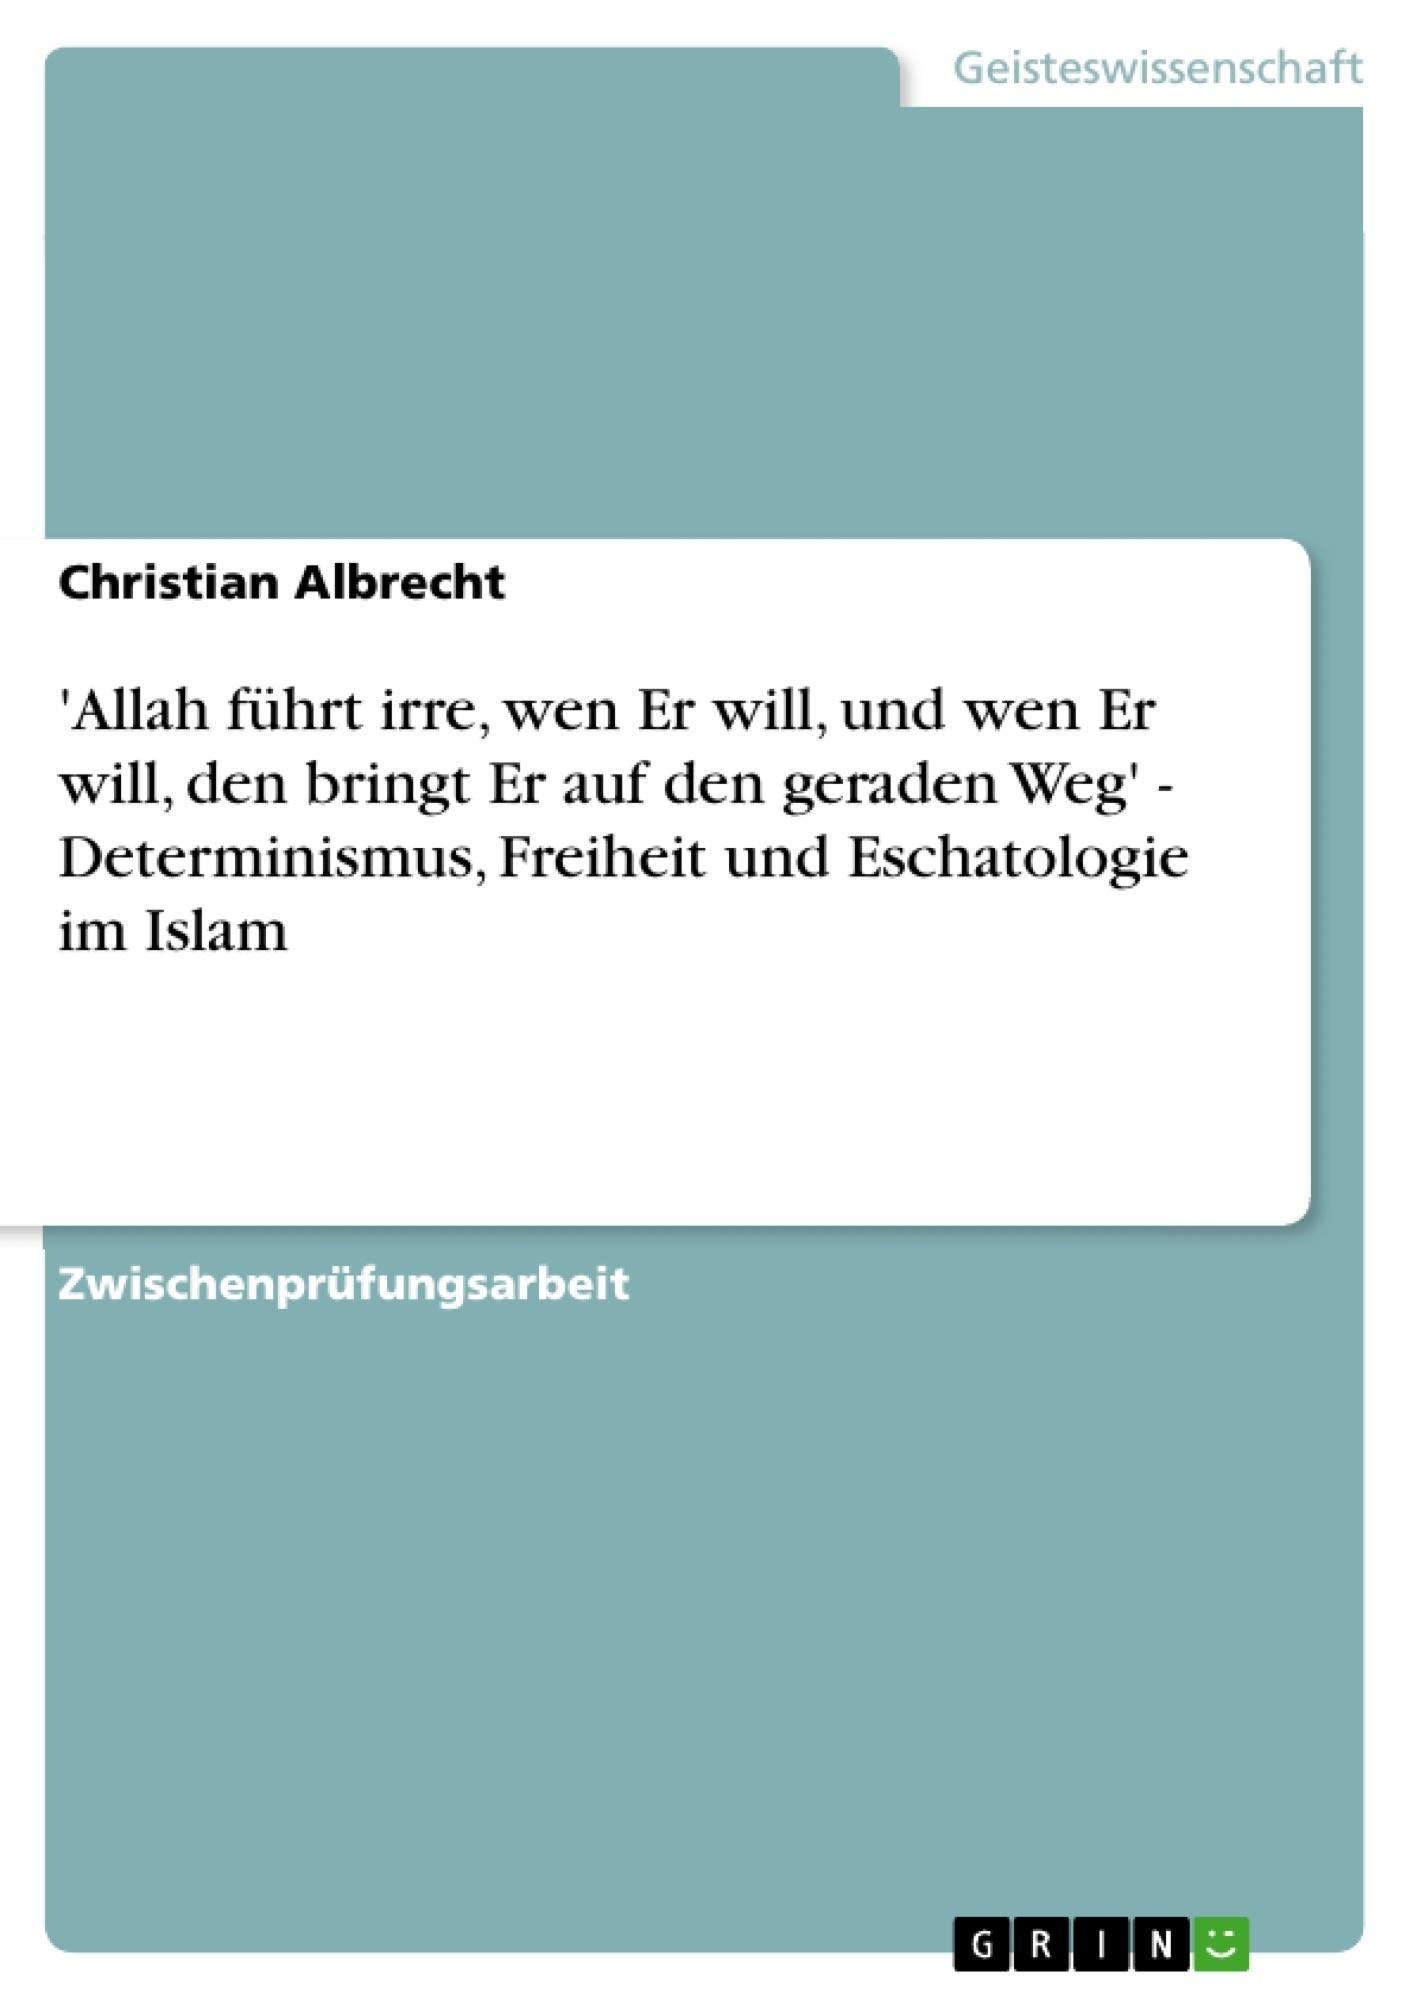 Titel: 'Allah führt irre, wen Er will, und wen Er will, den bringt Er auf den geraden Weg' - Determinismus, Freiheit und Eschatologie im Islam